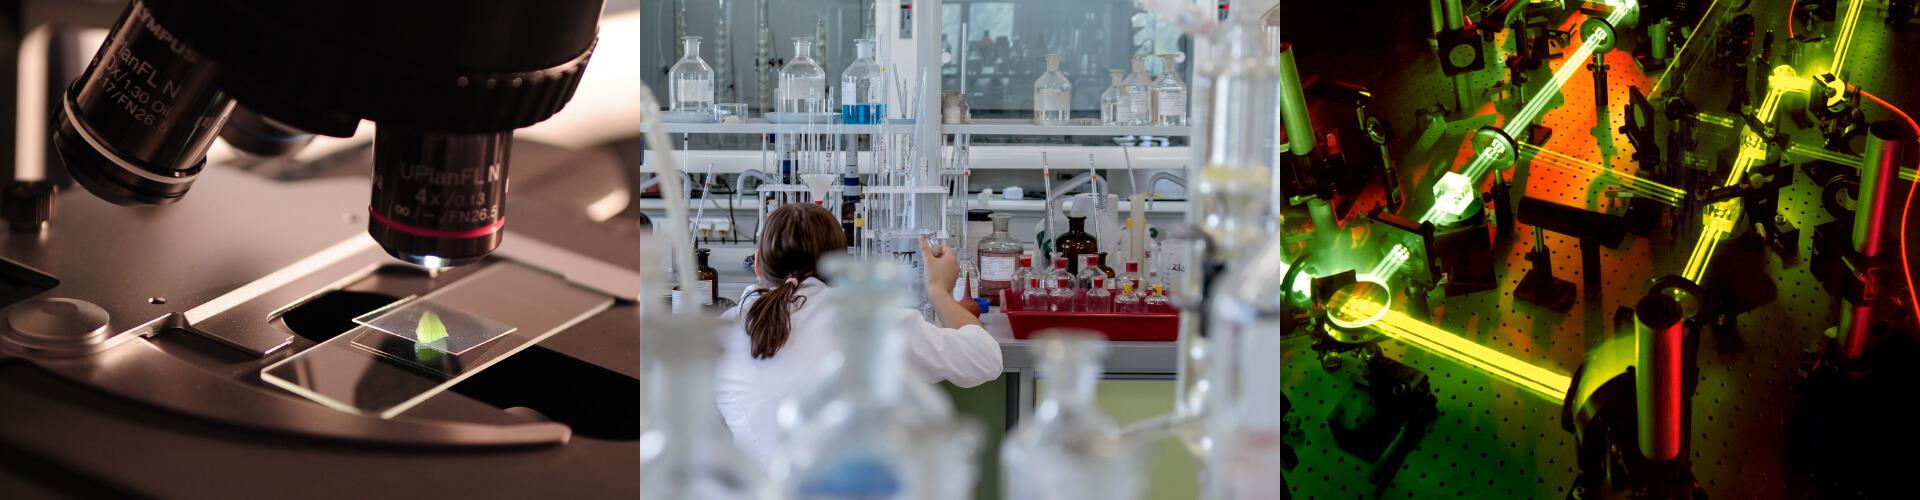 3 Bilder zeigen die wissenschaftlichen Bereiche Biologie, Chemie und Physik, für die eine wissenschaftliche Übersetzung infrage kommt